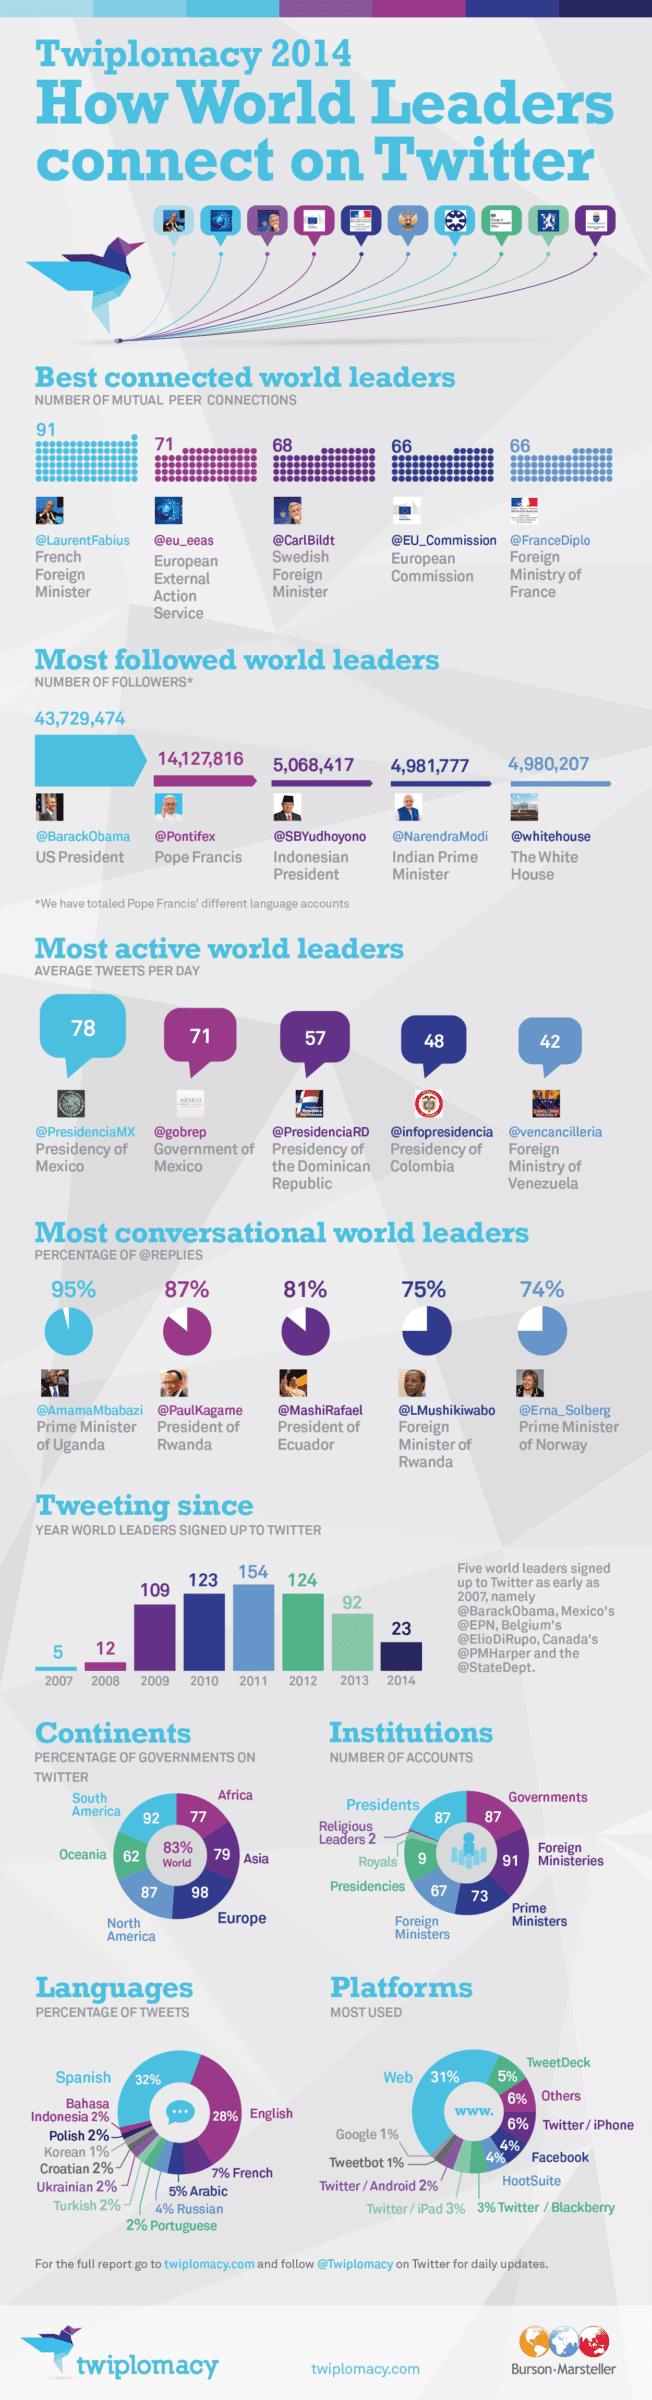 Top 5 Twitter Accounts